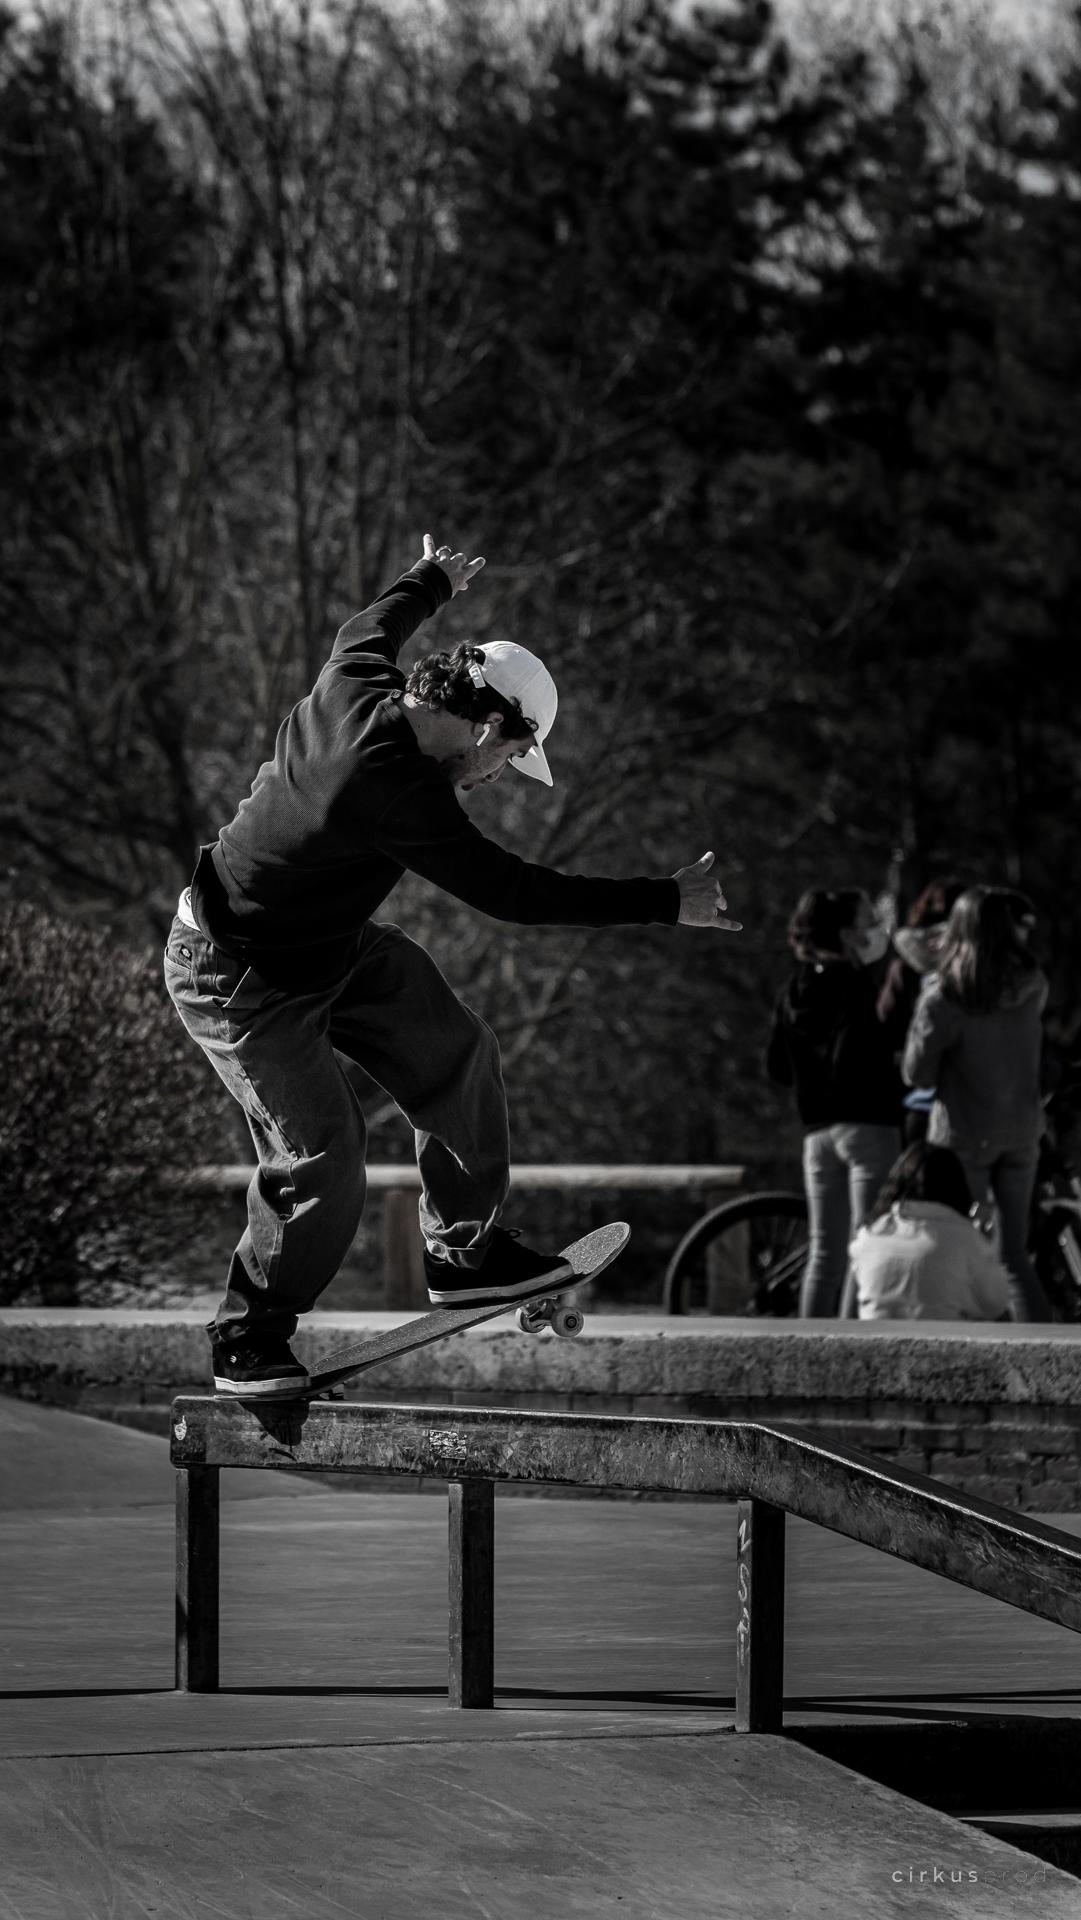 Pierre Lucas – Skate park Reims